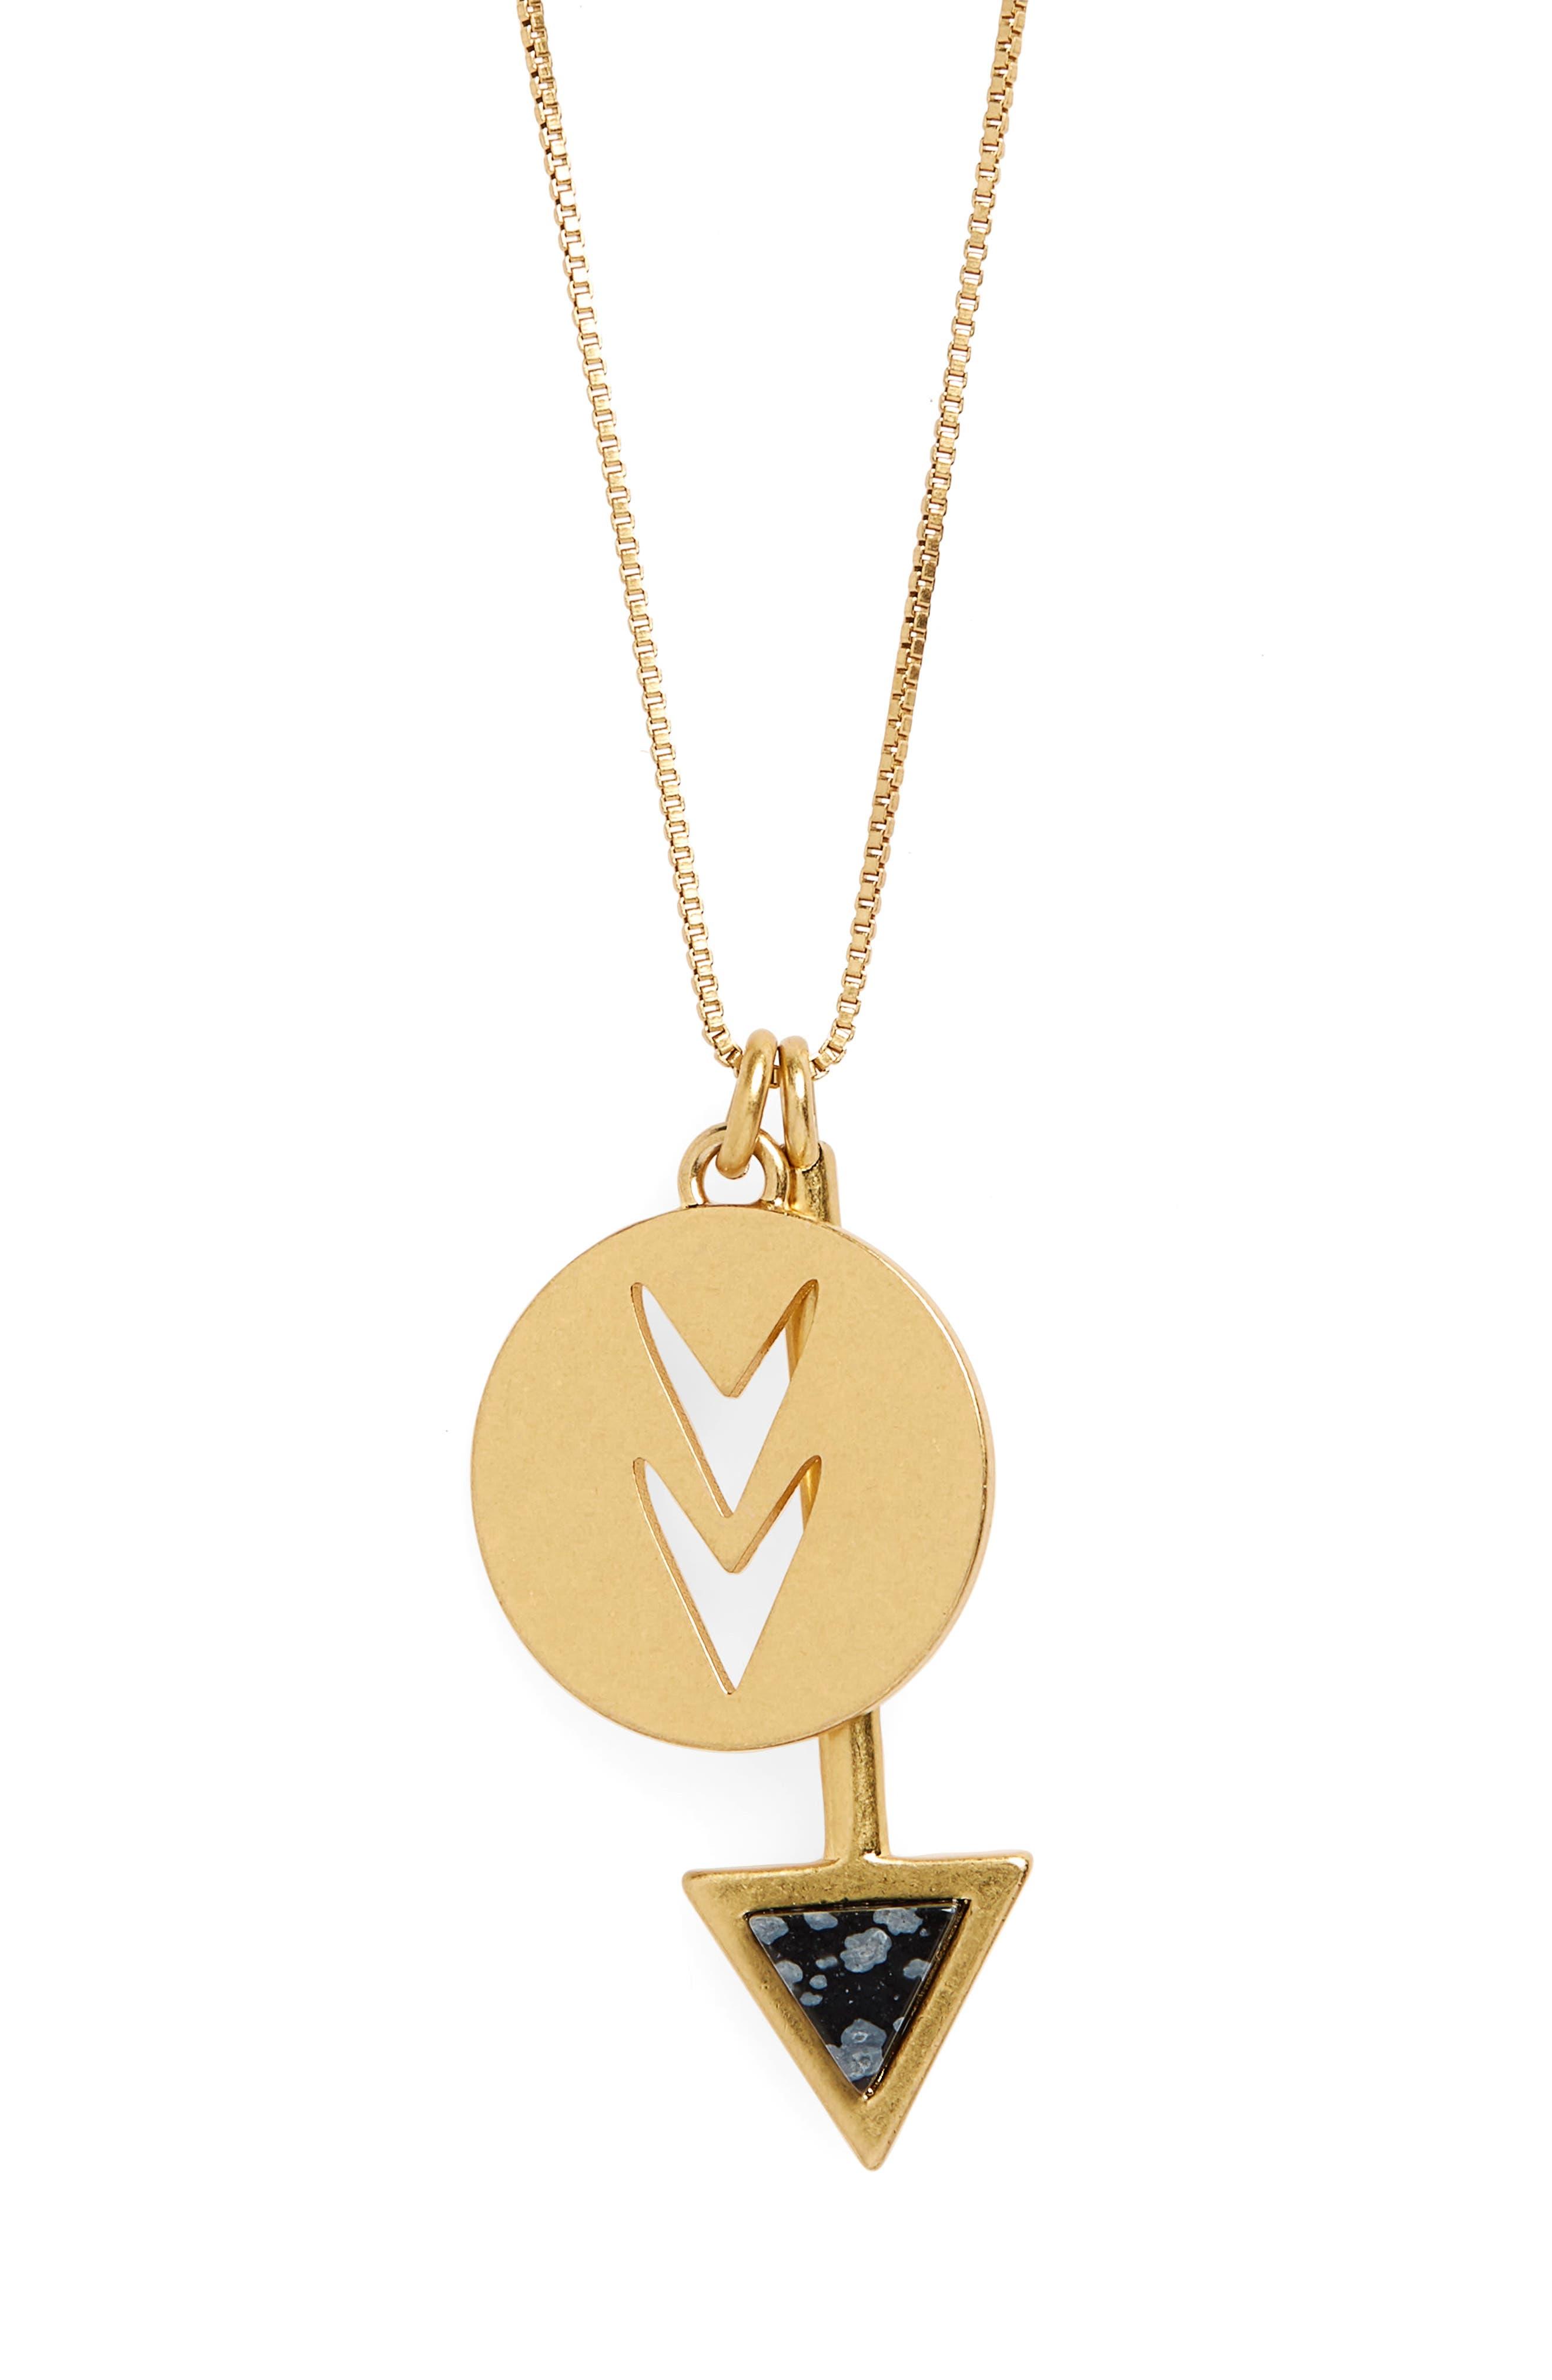 Arrowshift Pendant Necklace,                             Main thumbnail 1, color,                             Vintage Gold